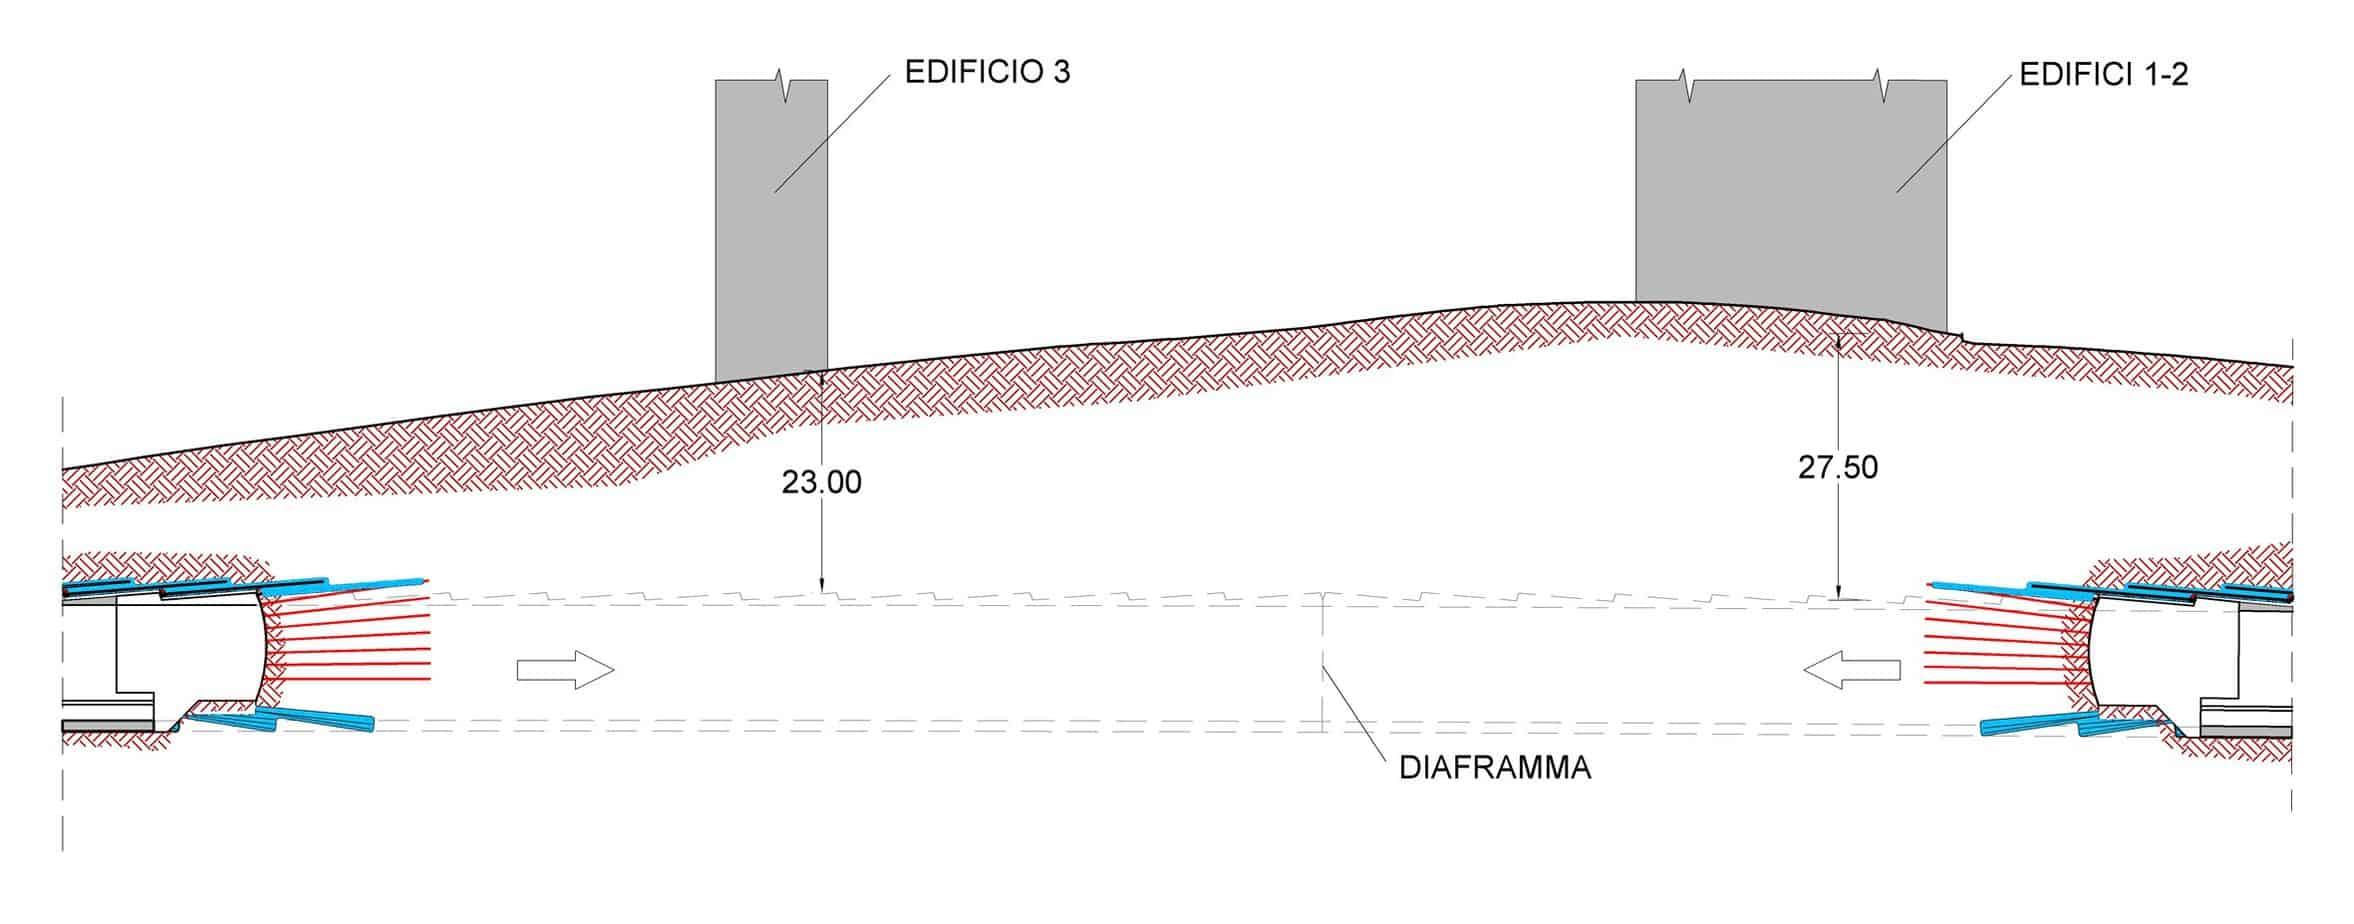 Il profilo dell'ubicazione degli edifici